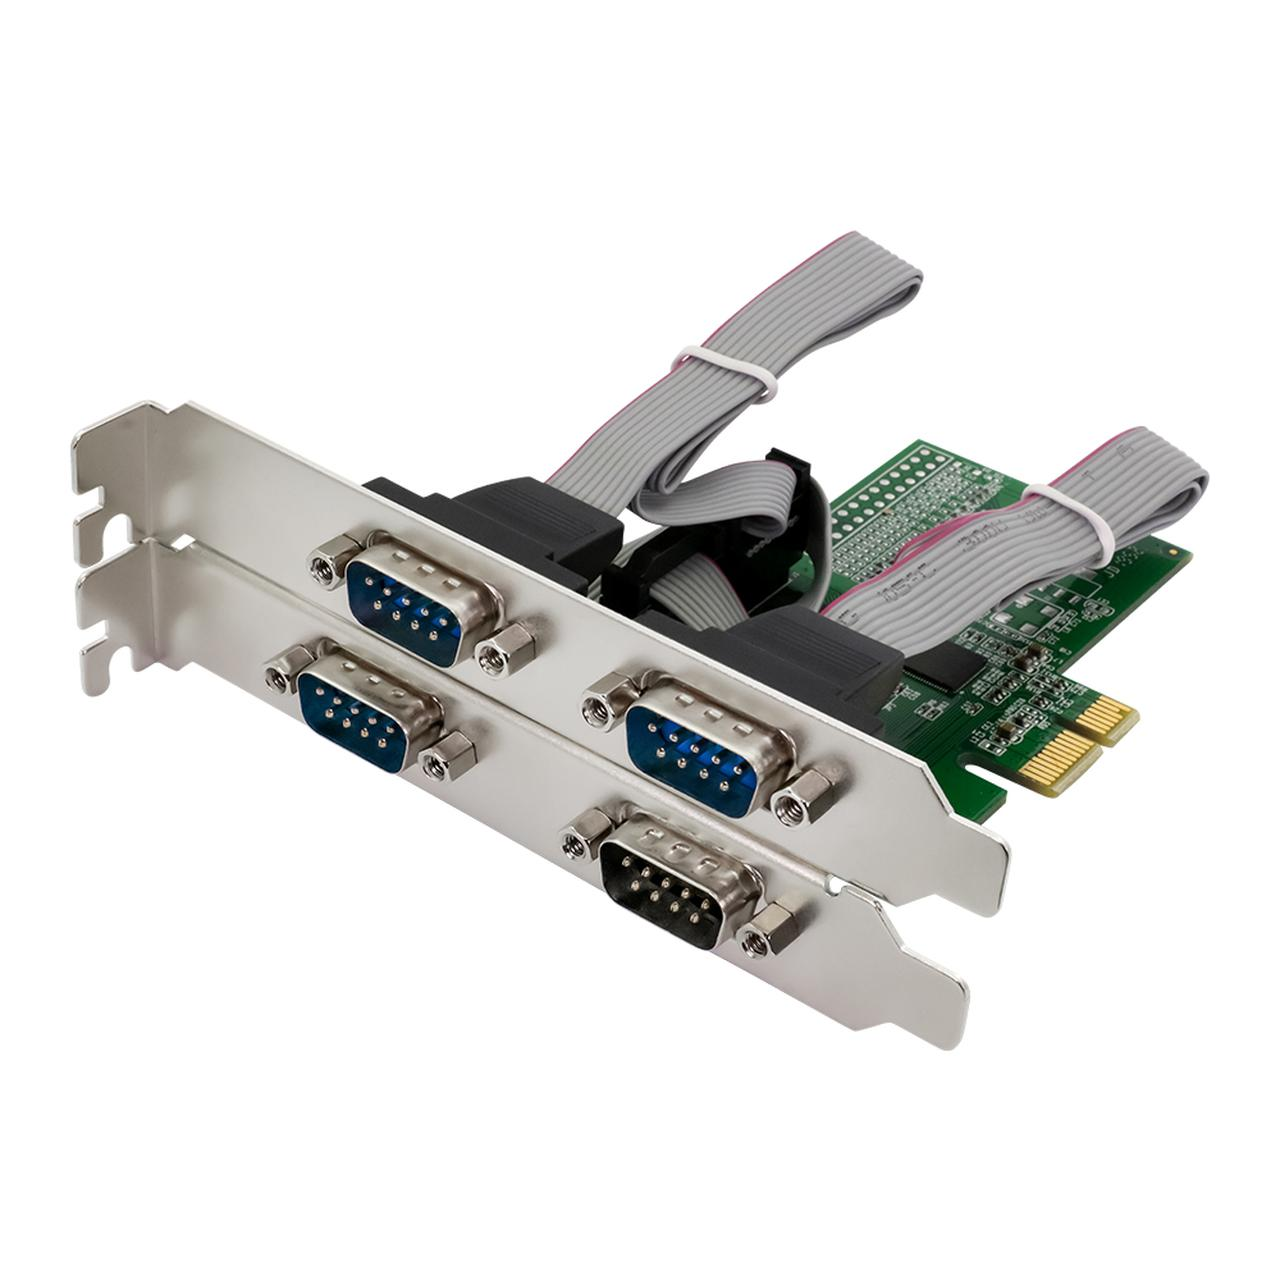 画像: PCI-Express2.0接続 RS232×4ポート インターフェースカード OWL-PCEX2RS232X4 | 株式会社オウルテック